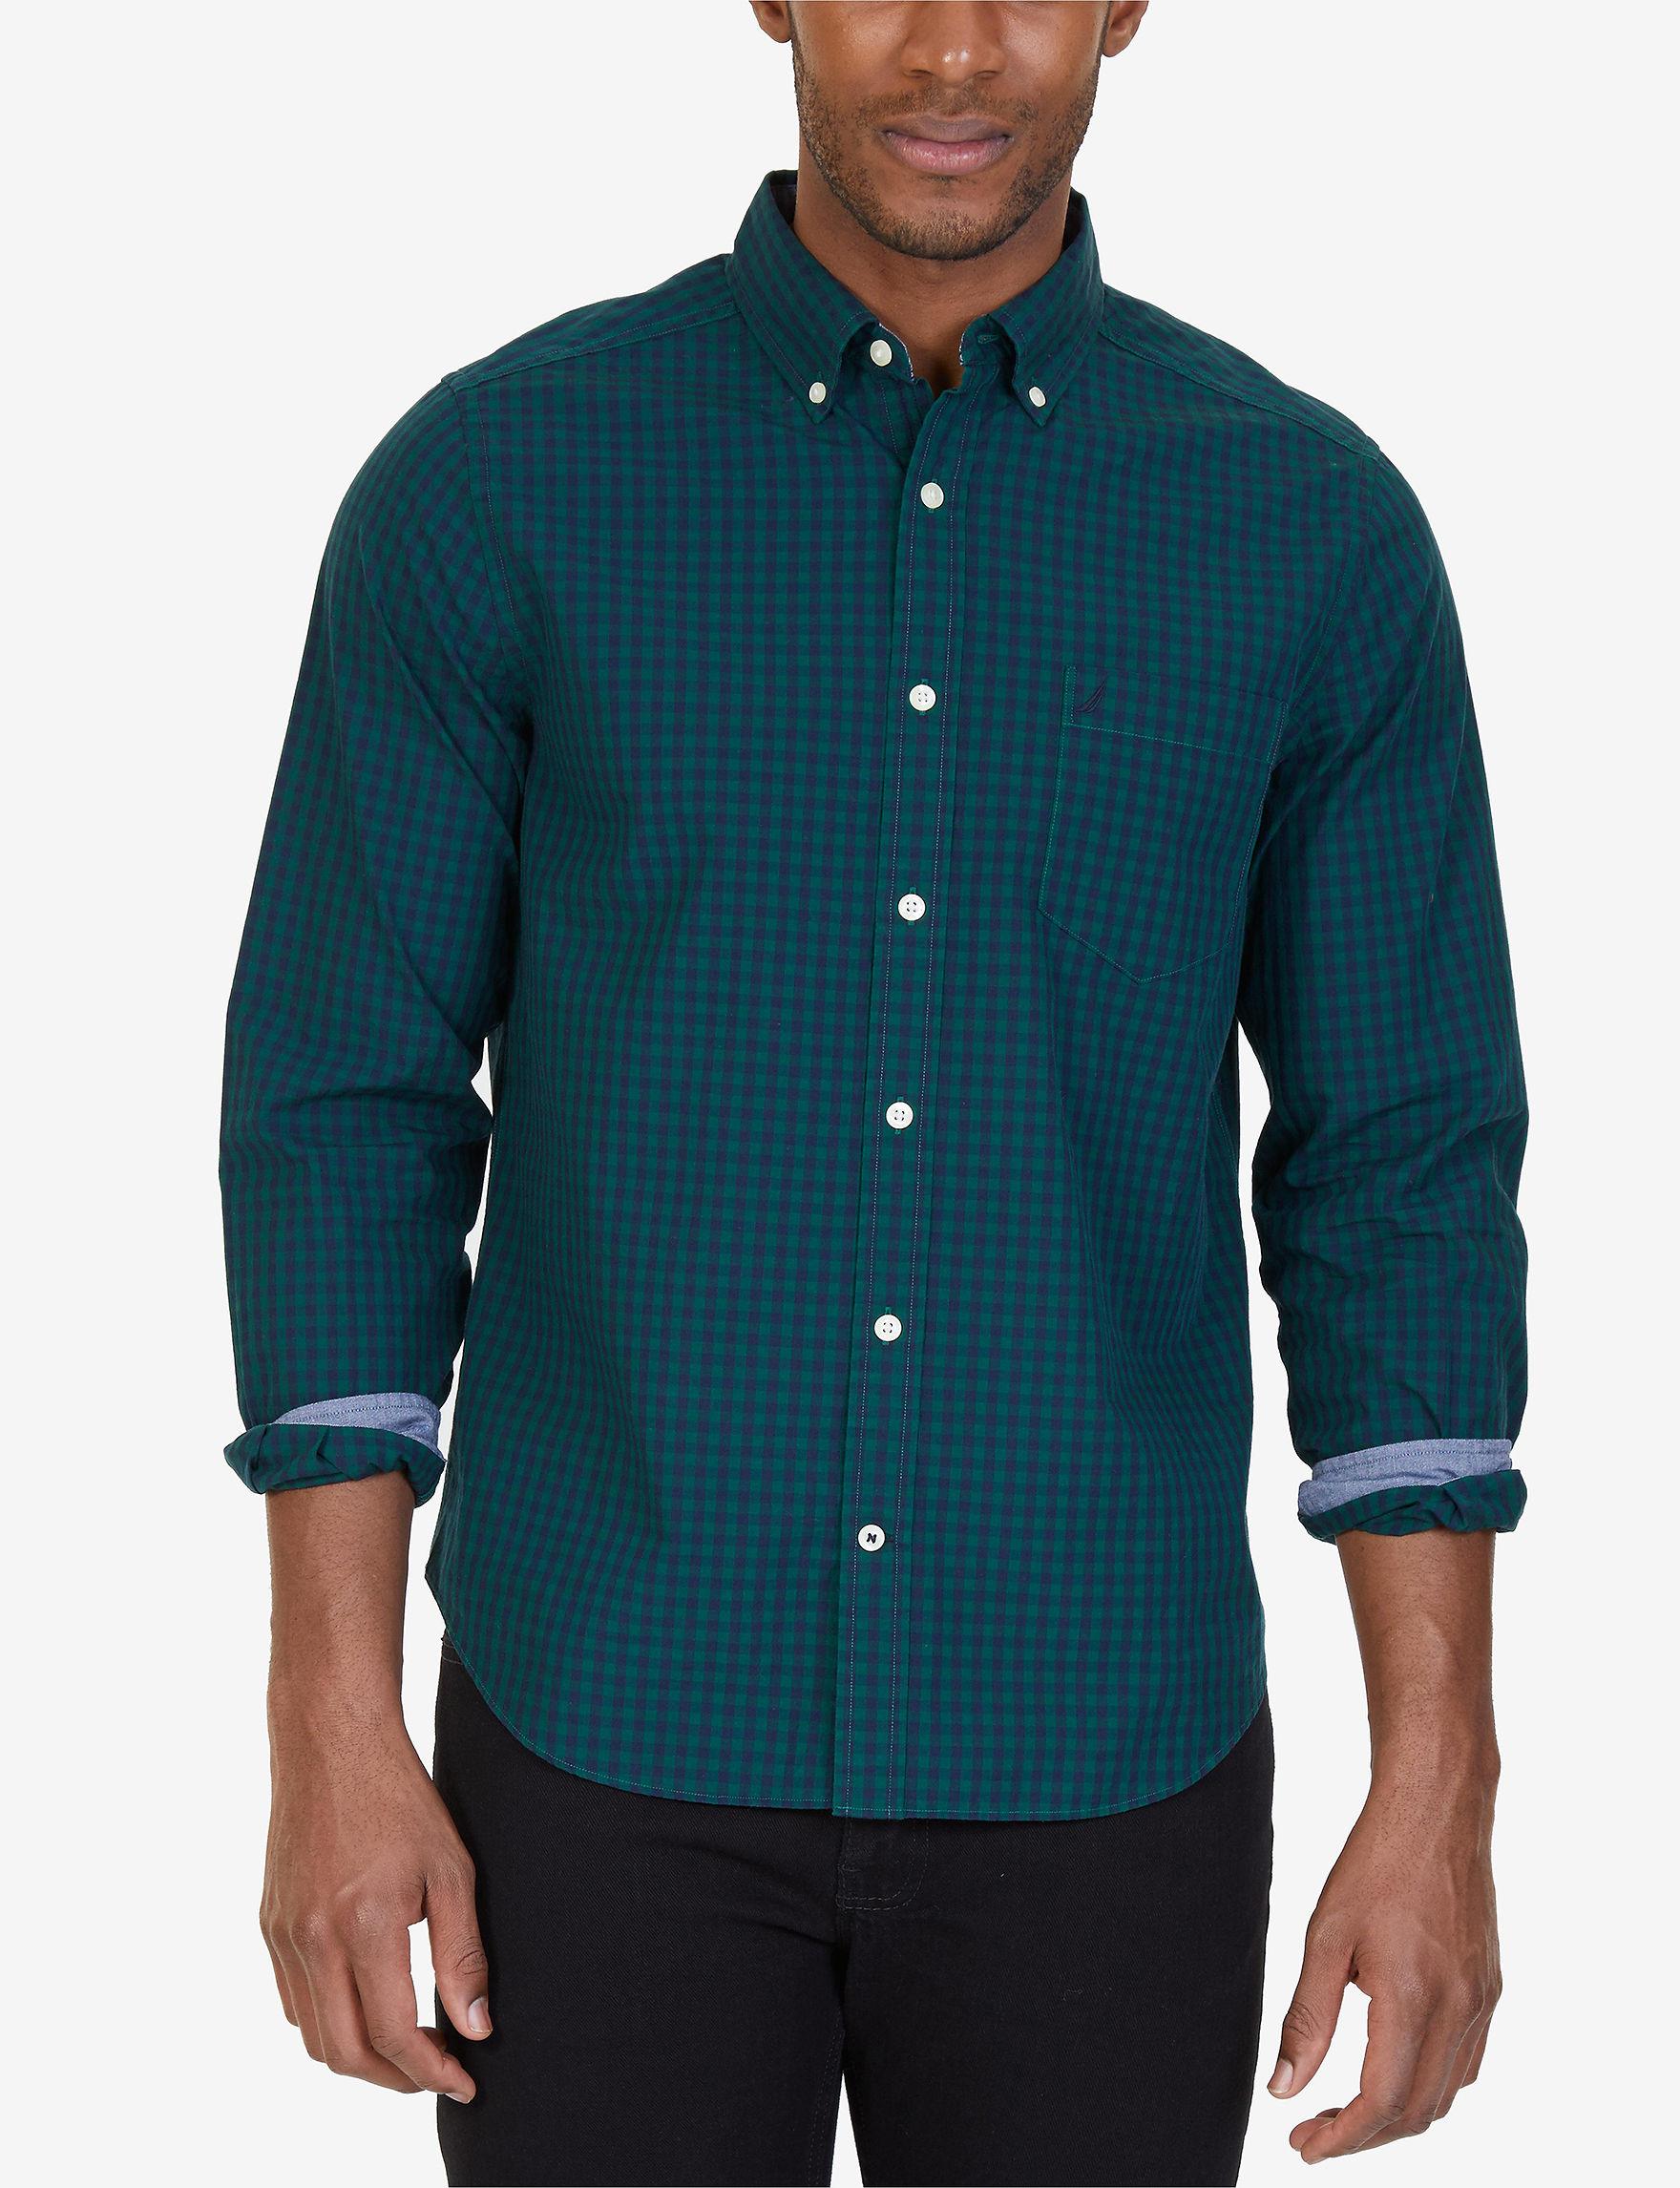 Nautica Green Casual Button Down Shirts